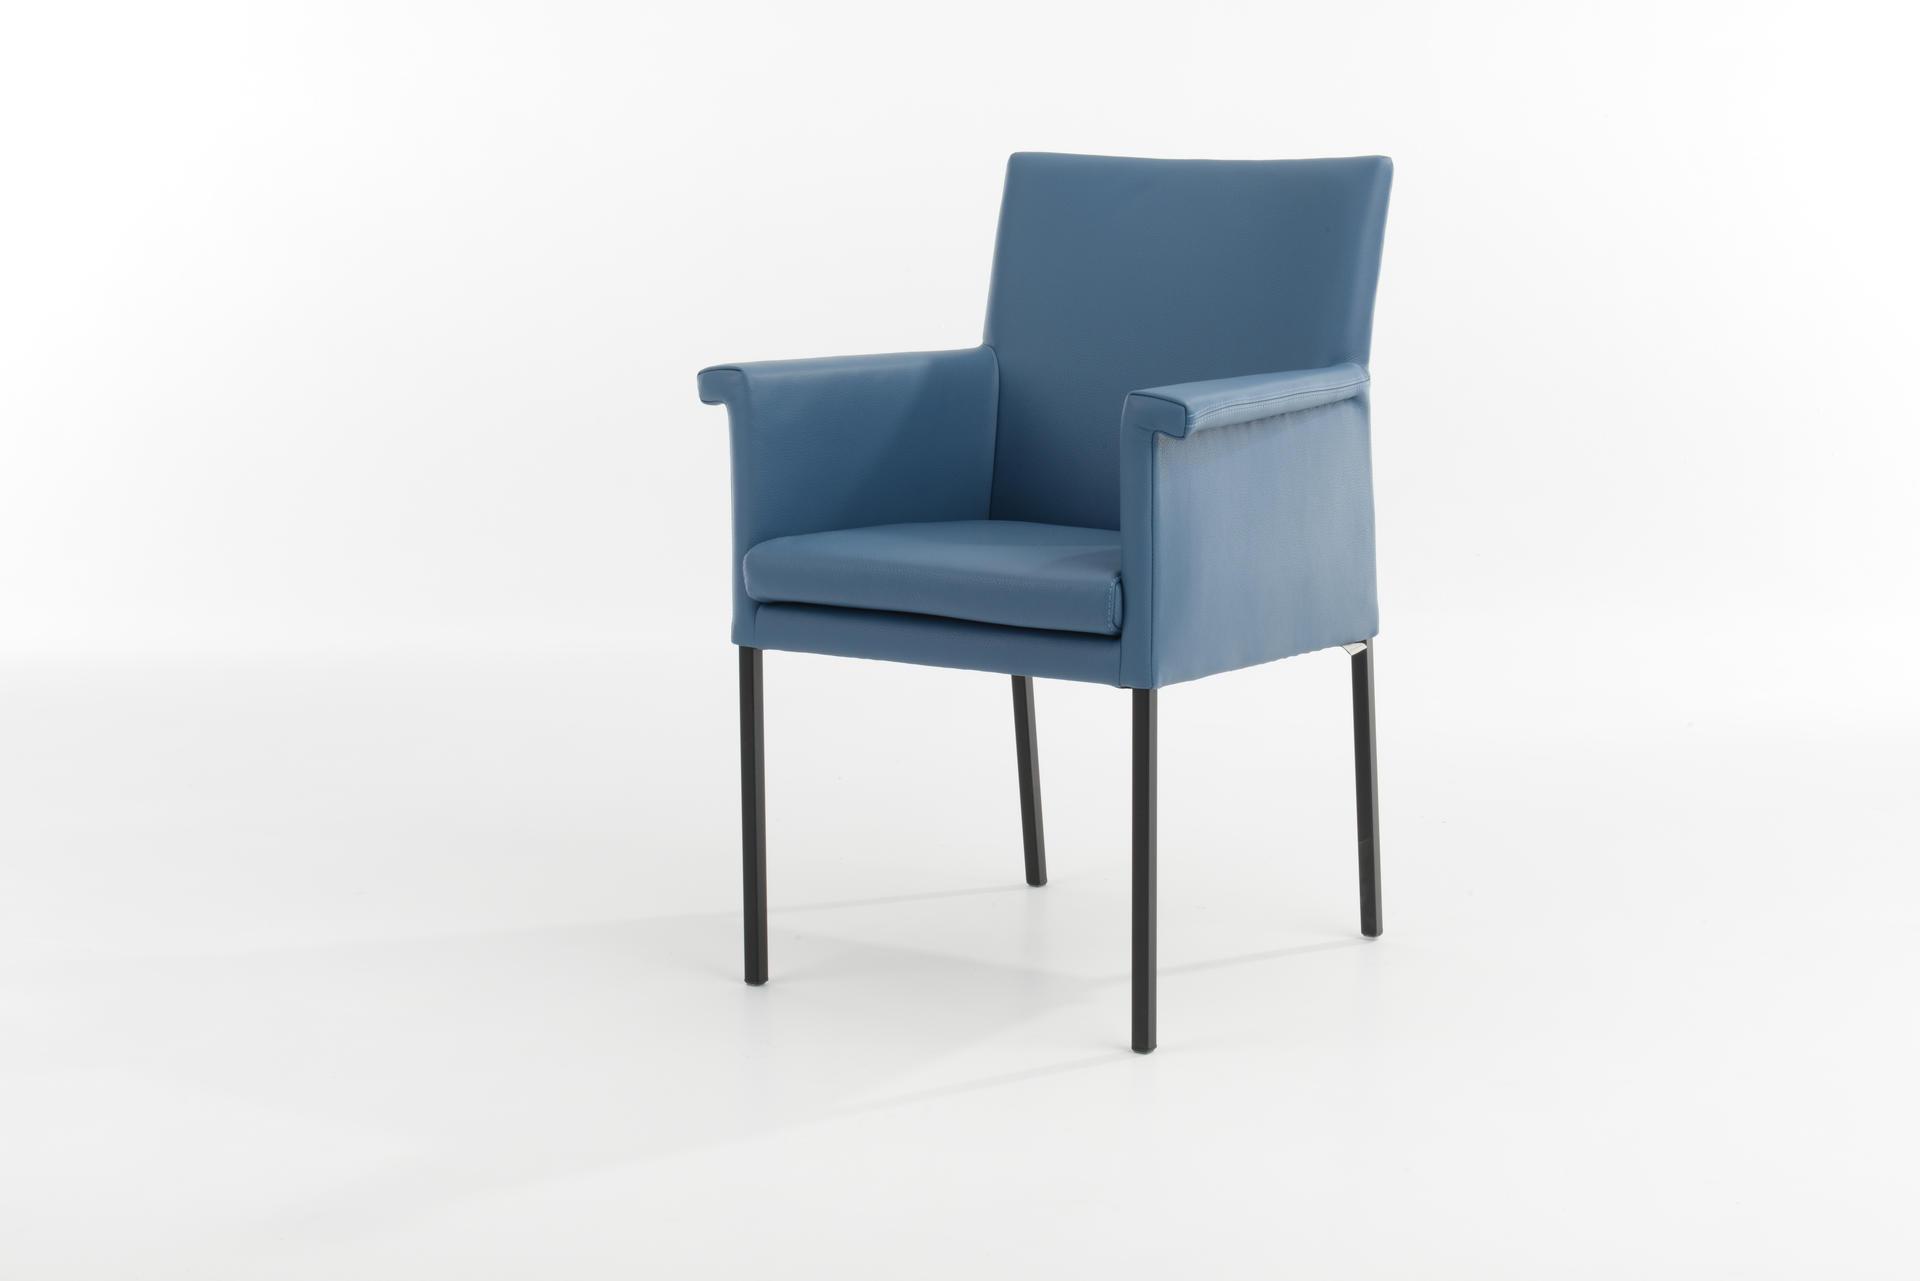 кресло  Groove, Bert Plantagie, фото 2